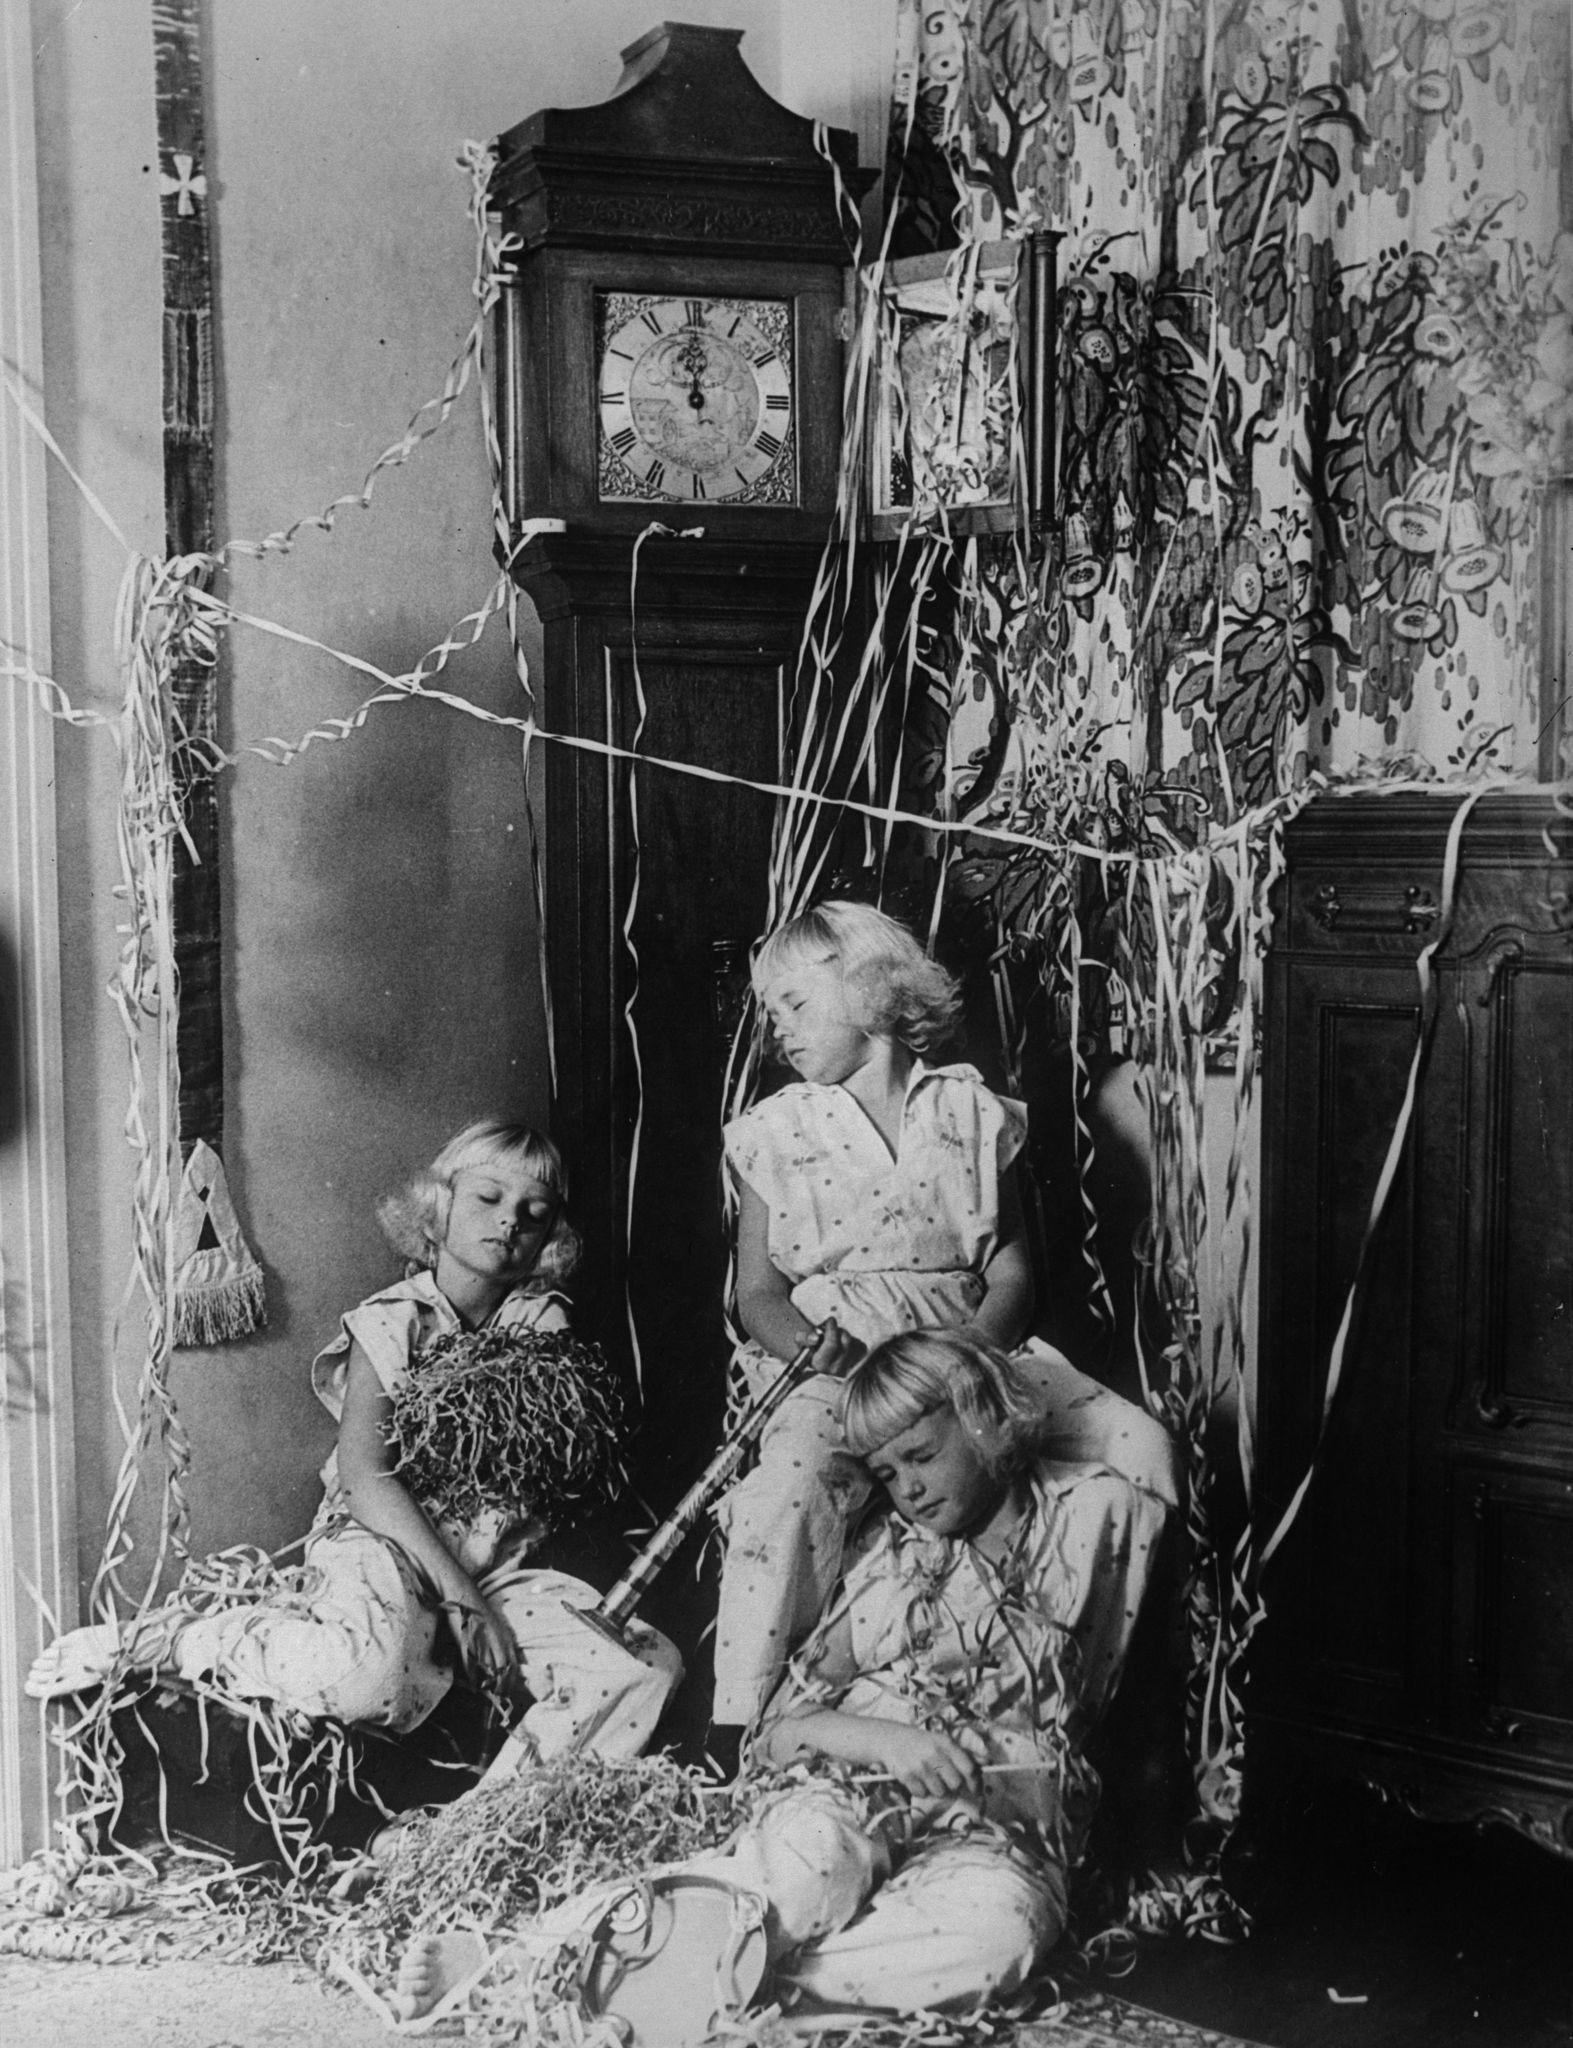 1932. Тройняшки Моуби. Клодетт, Анжела и Клодин крепко спят в тот момент, когда часы бьют полночь, давая сигнал к Новому году.jpg